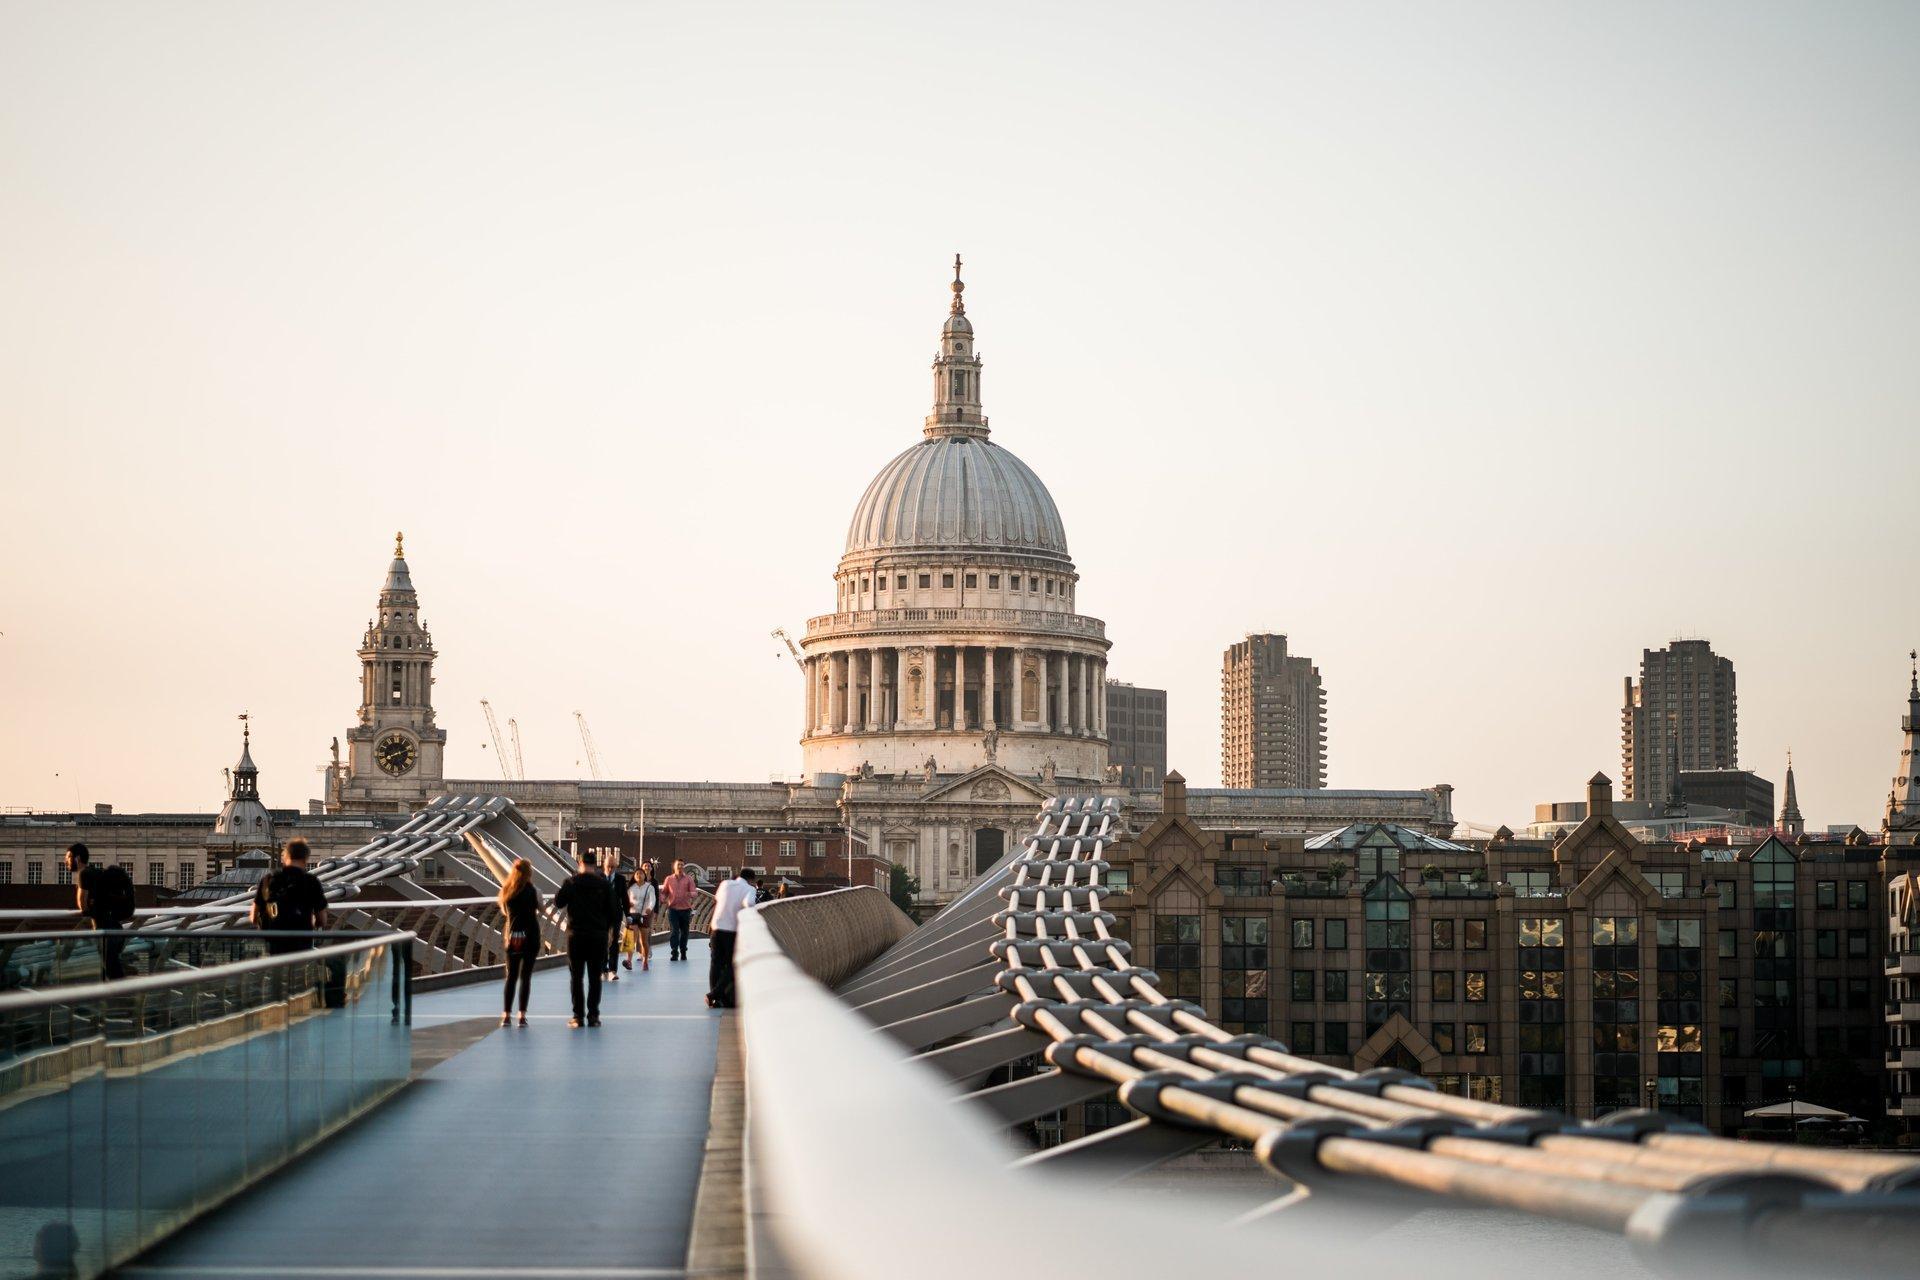 75 days round the world - P2 London - Thành phố được khách du lịch quốc tế ghé thăm nhiều nhất trên thế giới Thumbnail